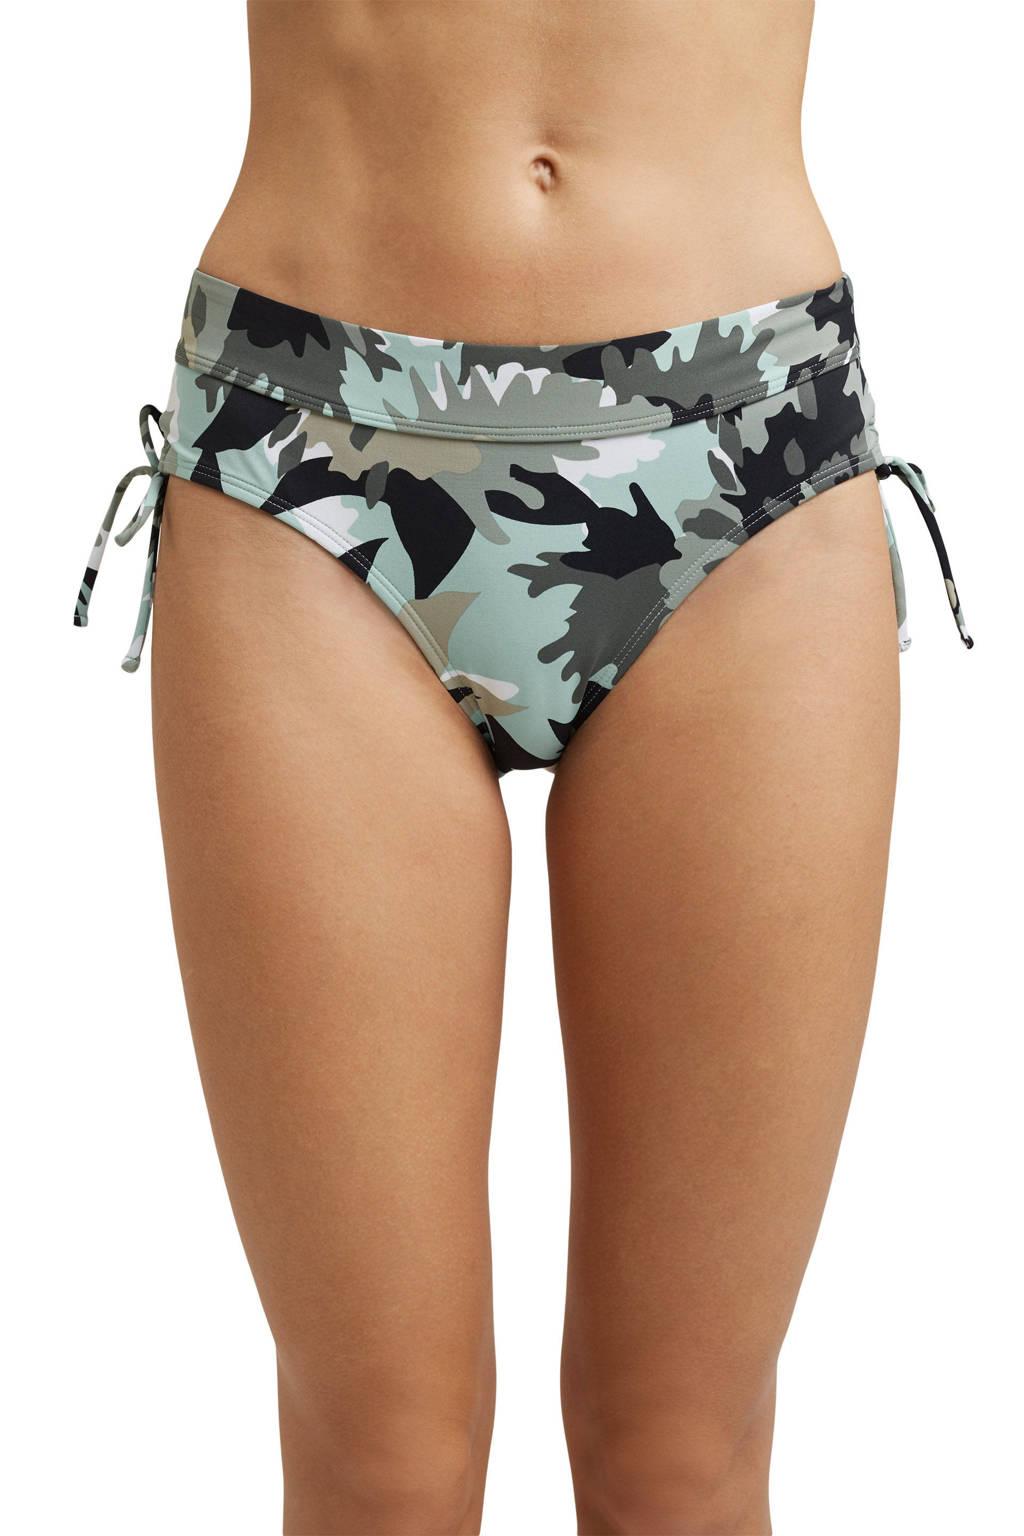 ESPRIT Women Beach high waist bikinibroekje met all over print groen/zwrat, Groen/zwart